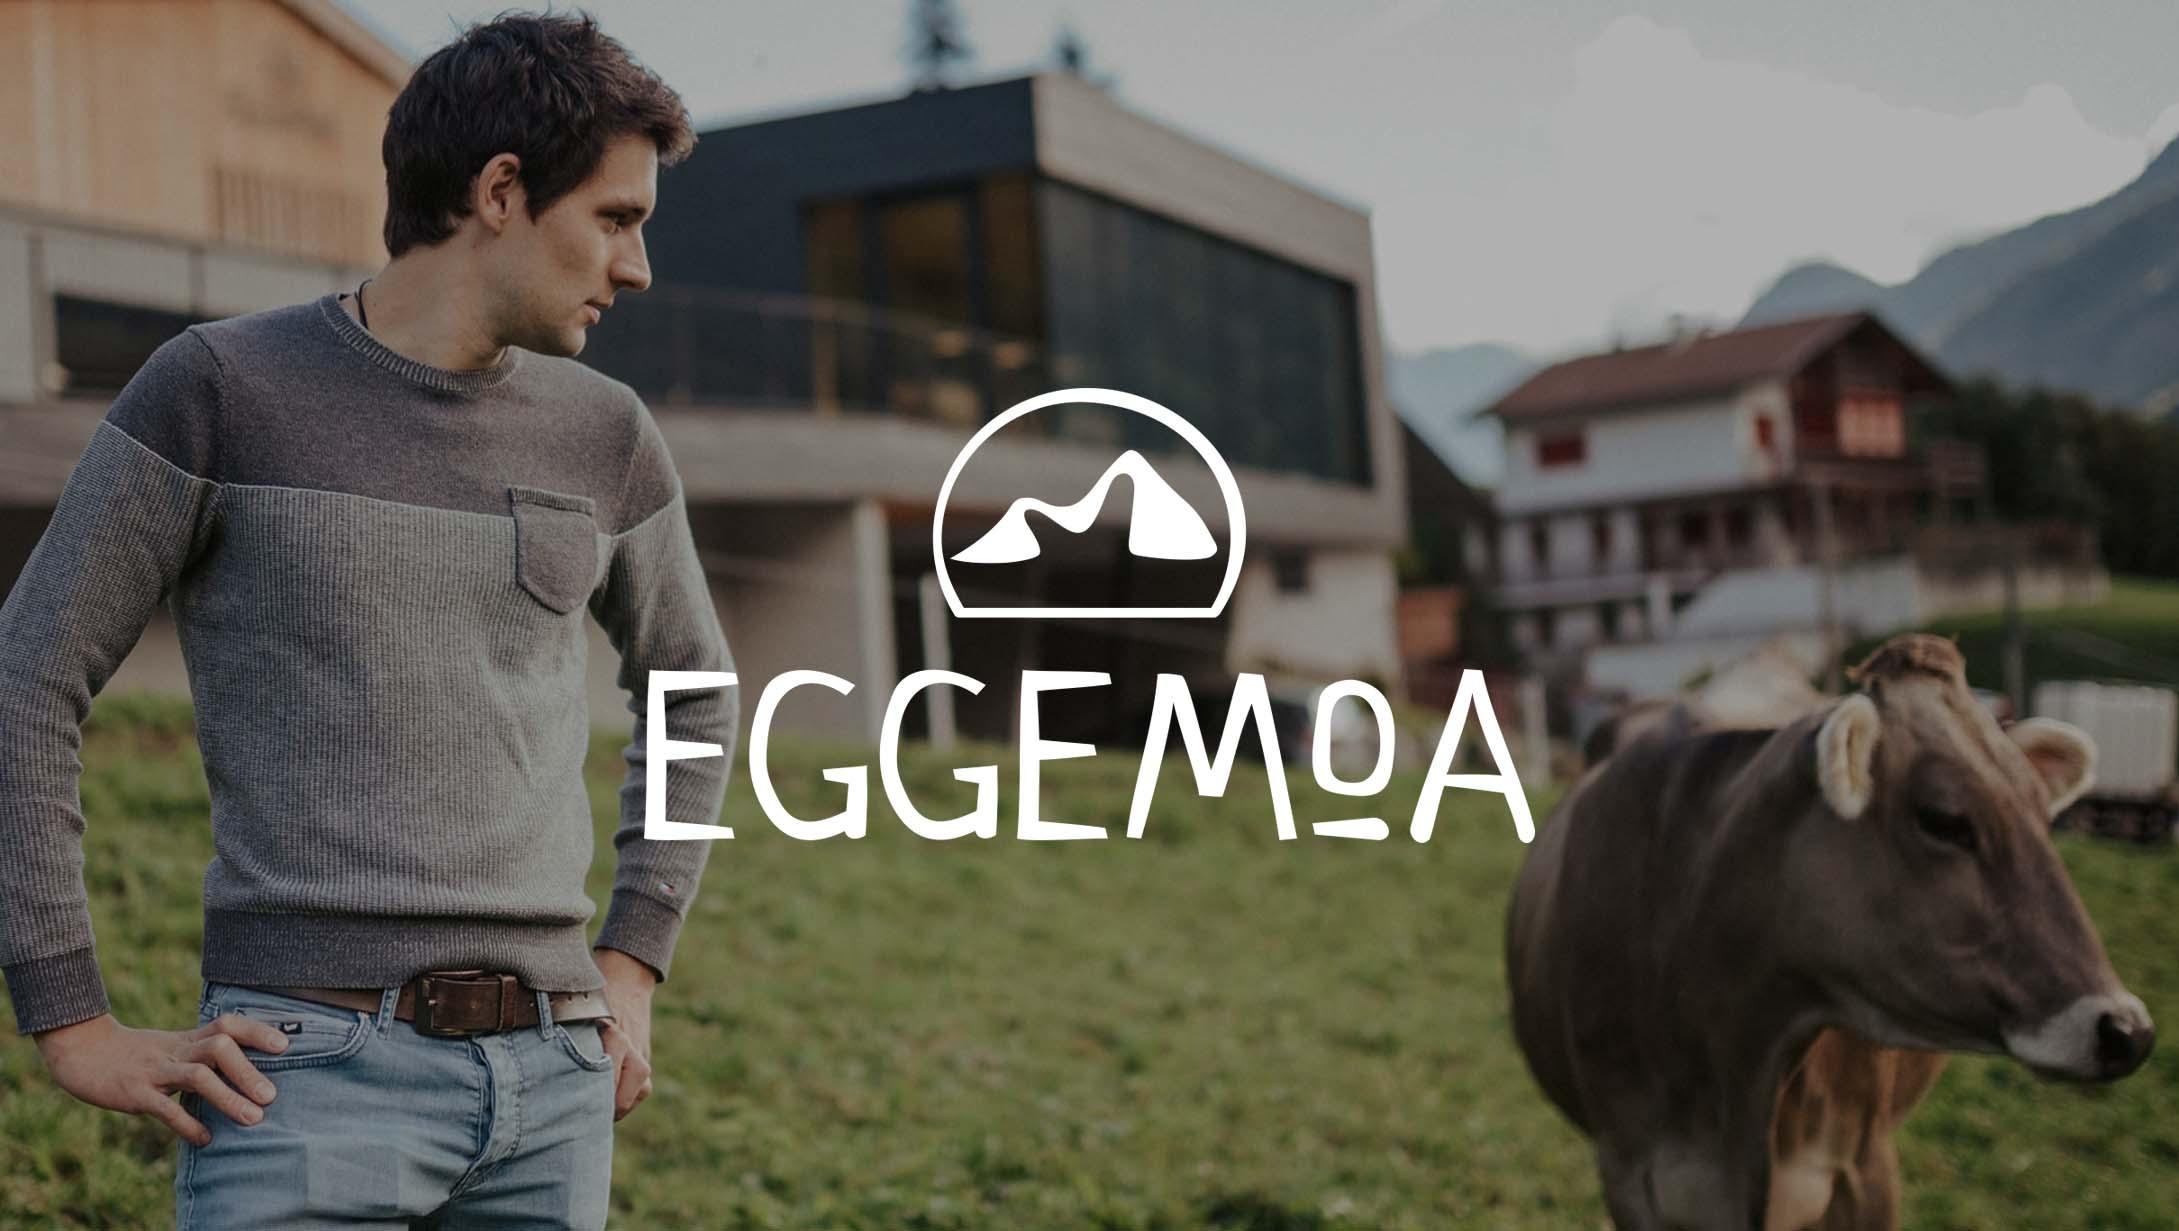 Eggemoa